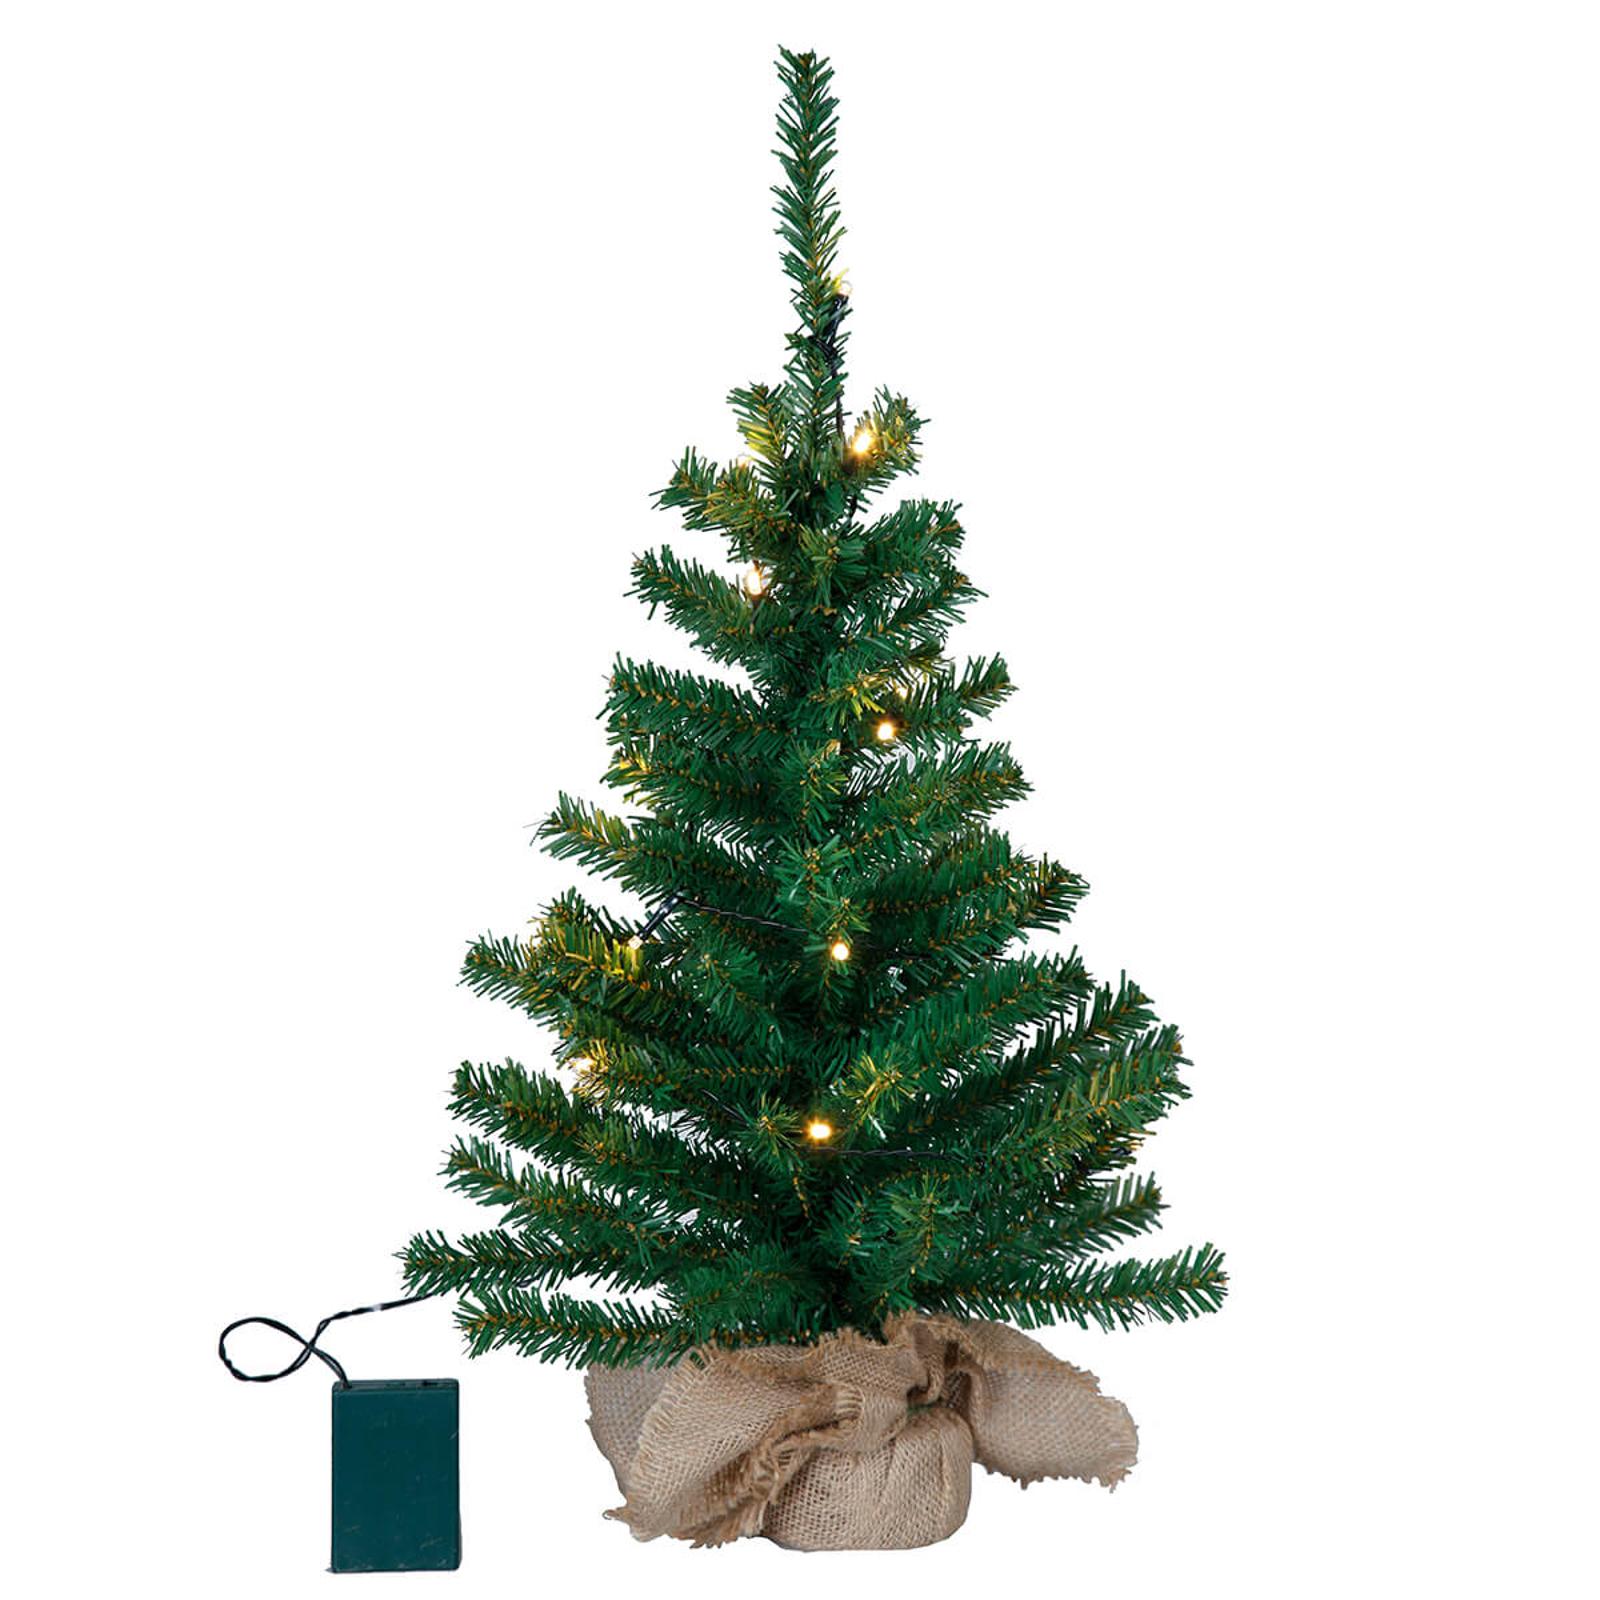 Małe drzewko LED Toppy w worku jutowym